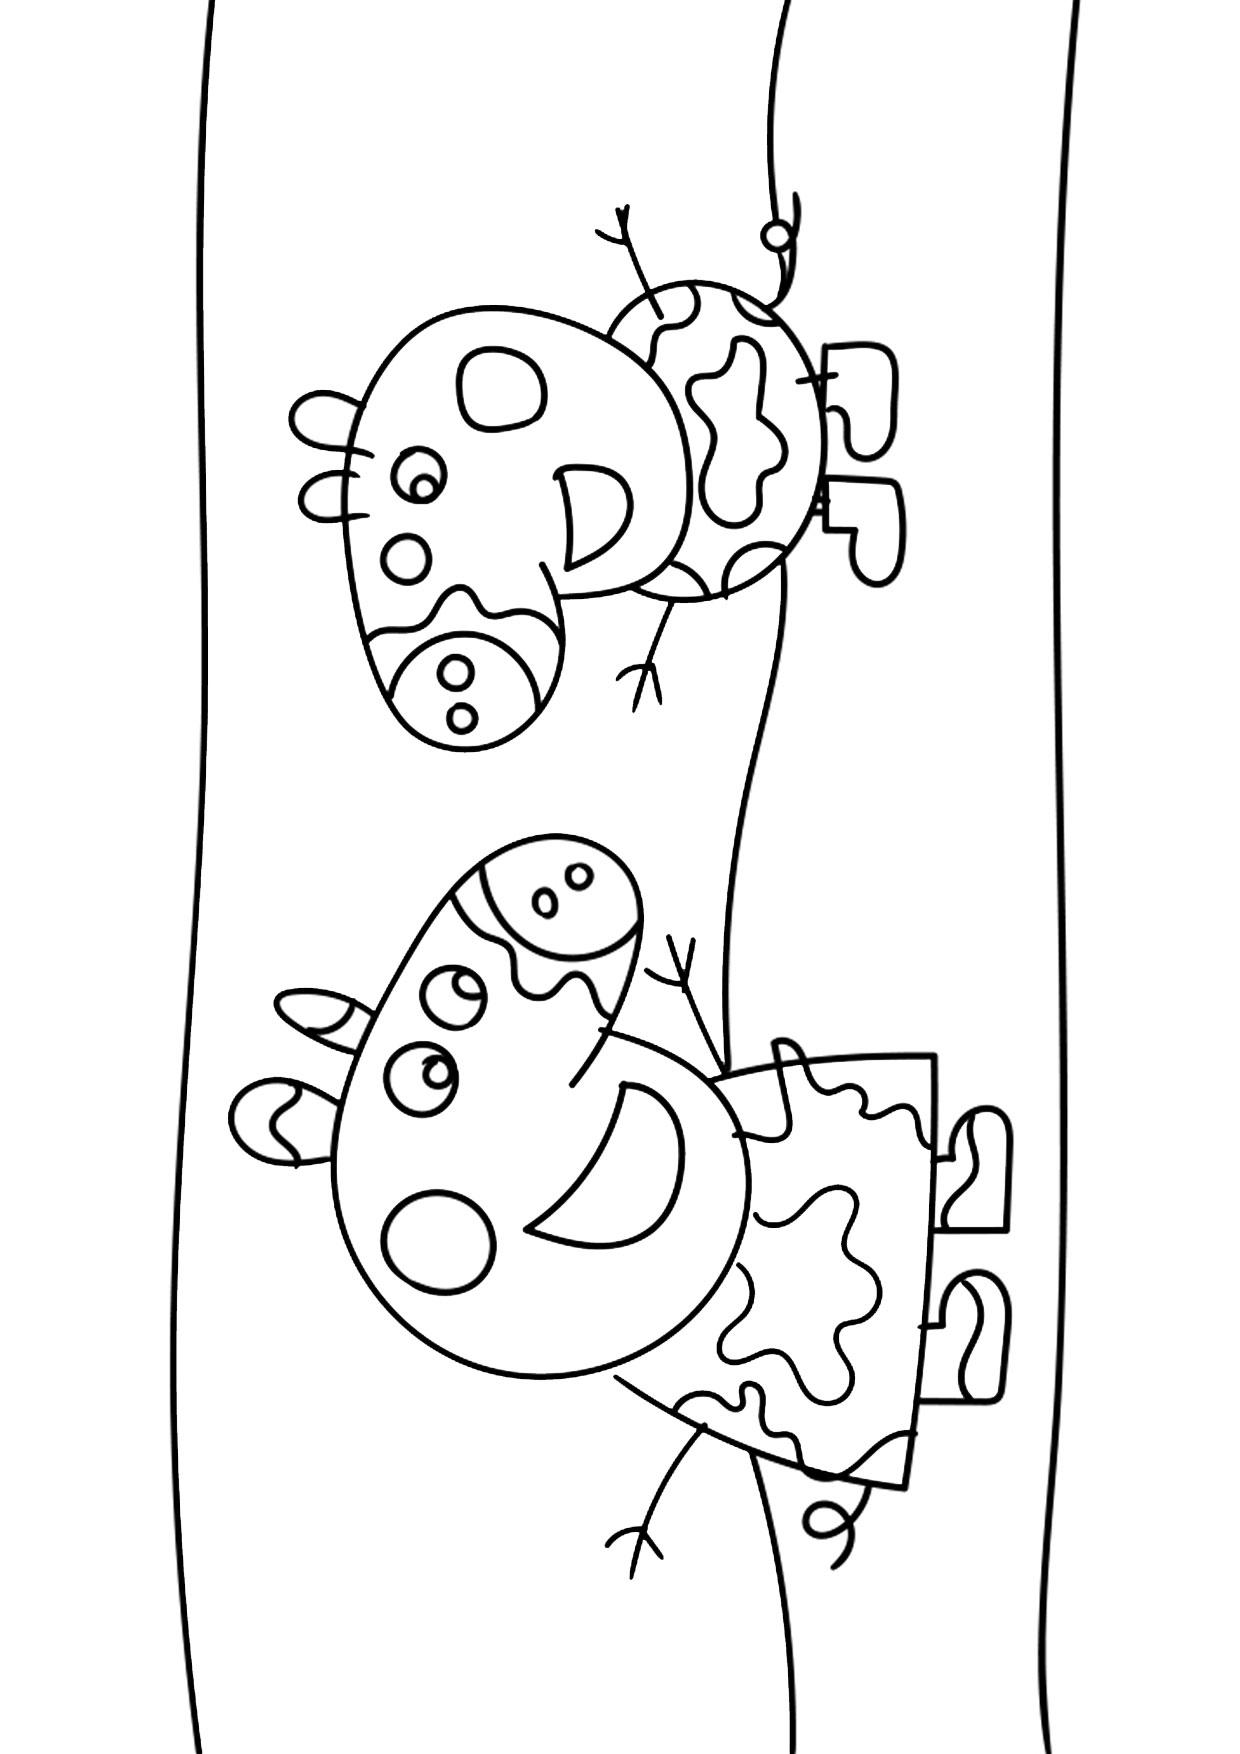 Disegno Peppa Pig da colorare 33